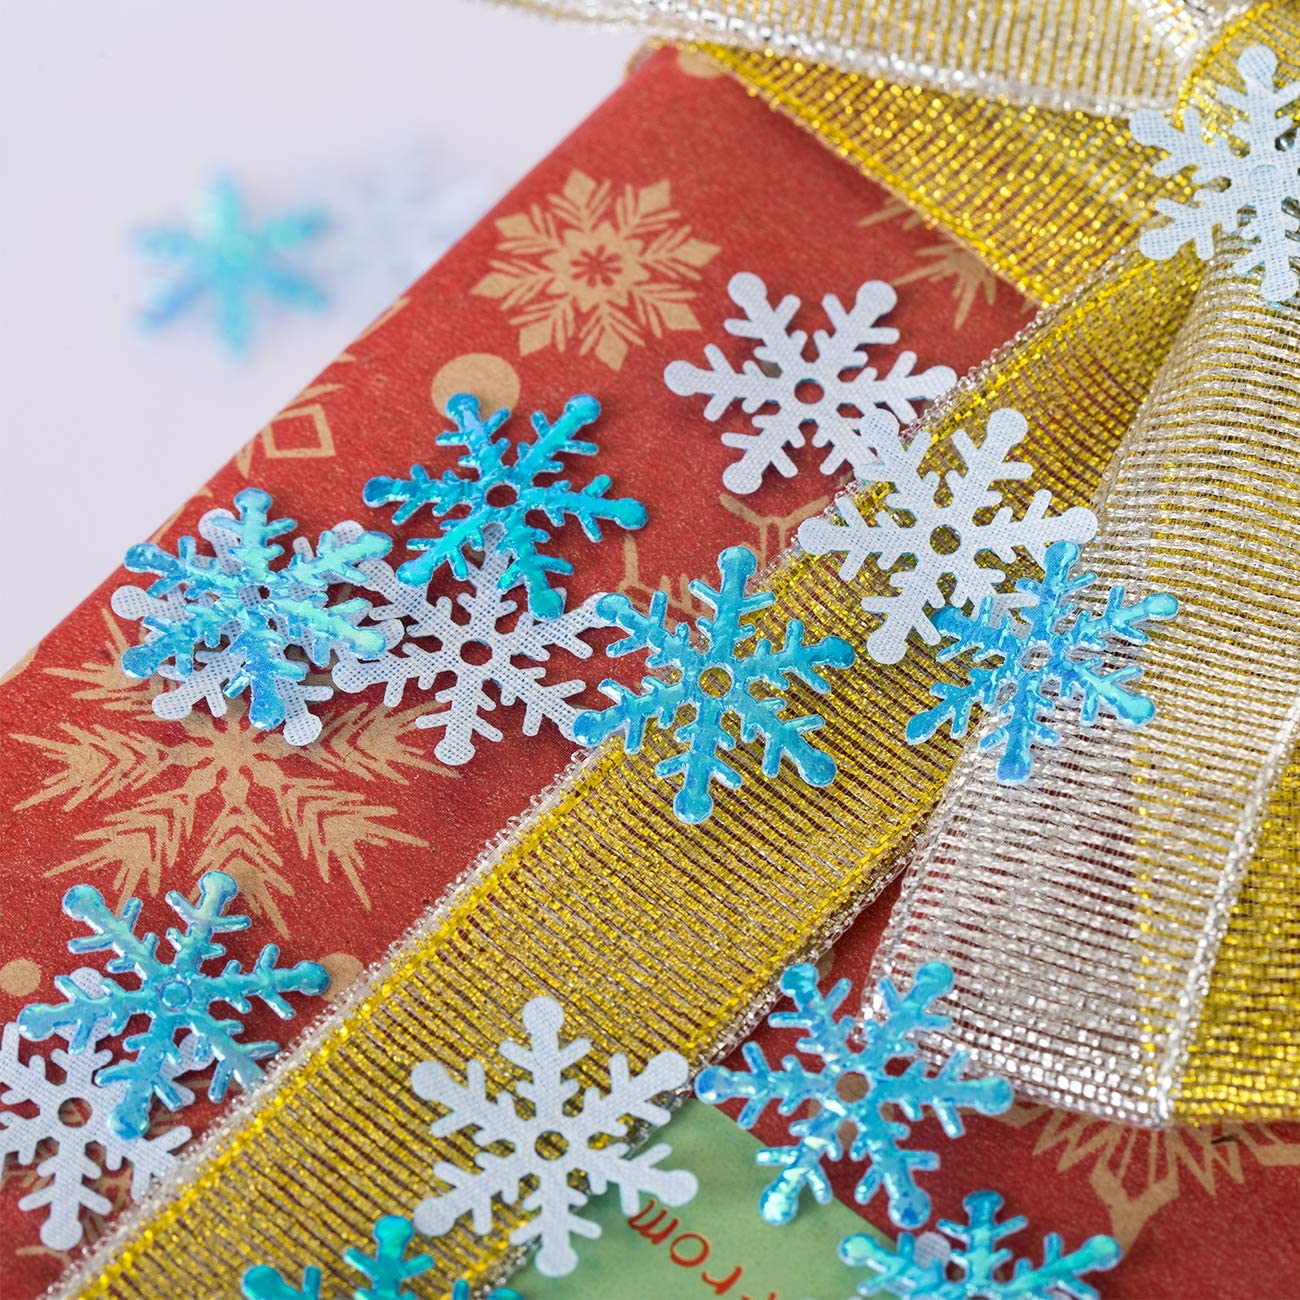 GWHOLE 600 x Konfetti Schneeflocken Silber Weihnachten Tisch Deko Basteln DIY